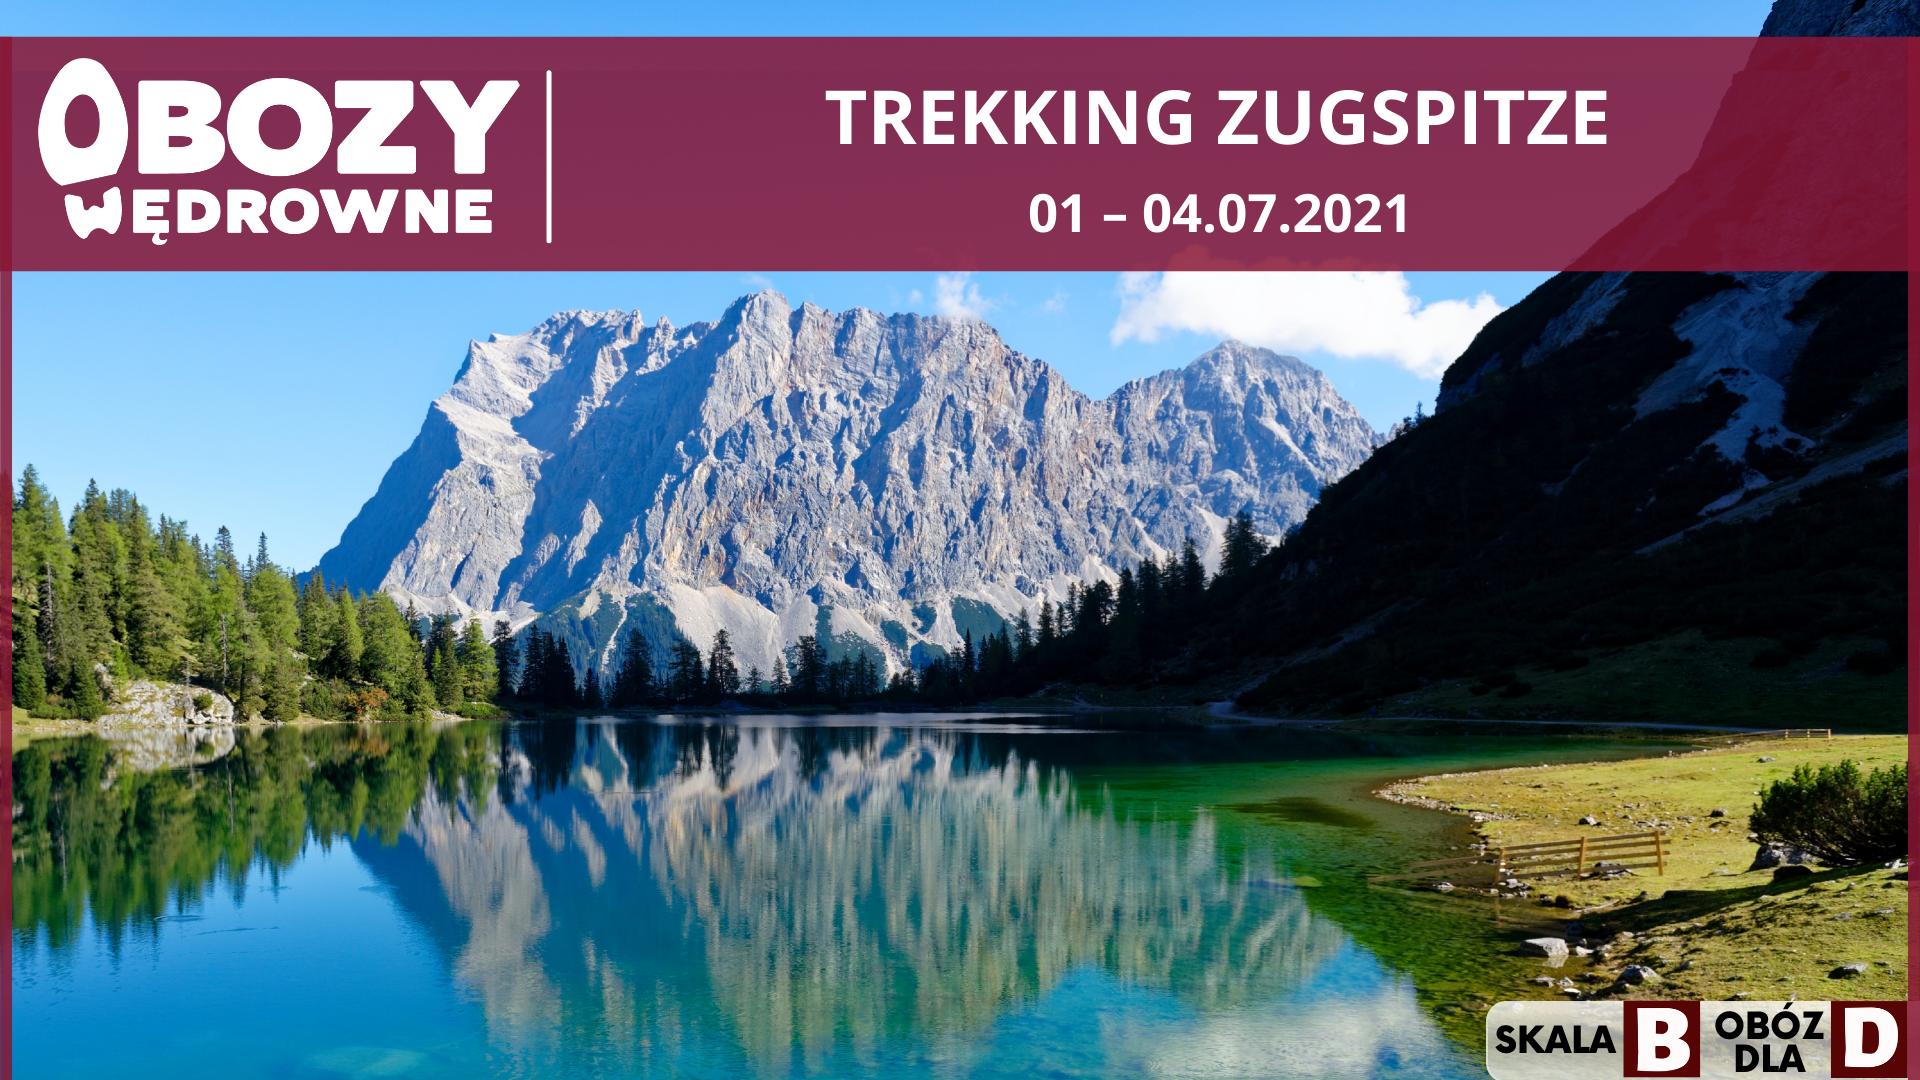 Trekking Alpy Bawarskie, w tym Zugspitze